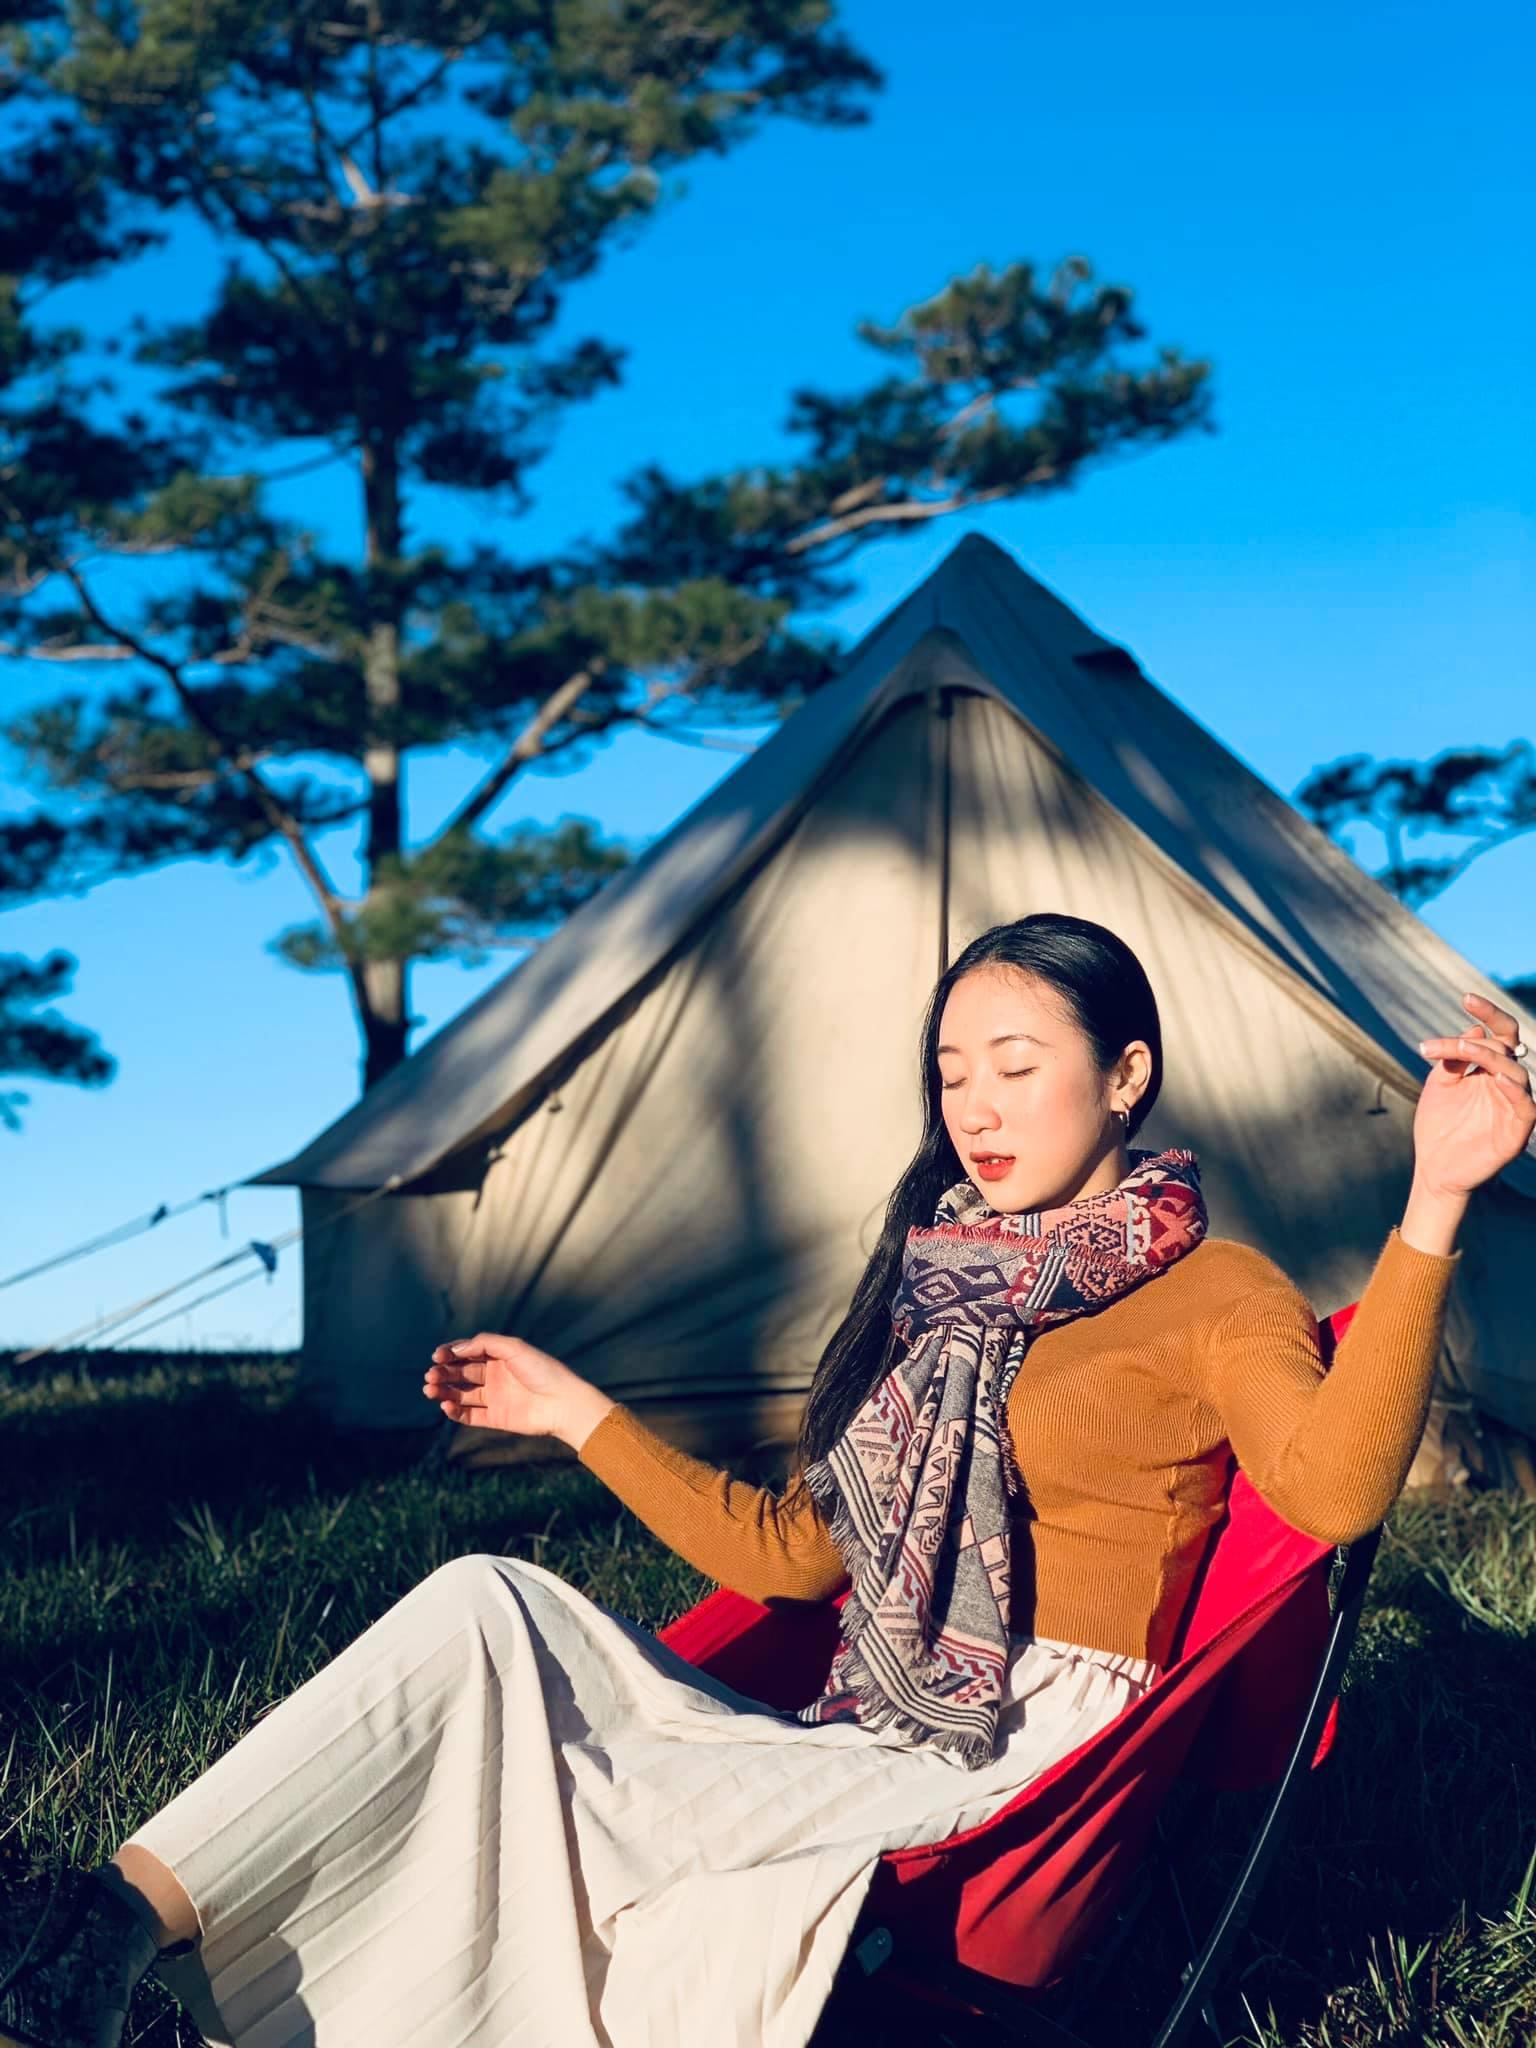 Camping để trải nghiệm những điều đẹp nhất của Đà Lạt, ủa tại sao?